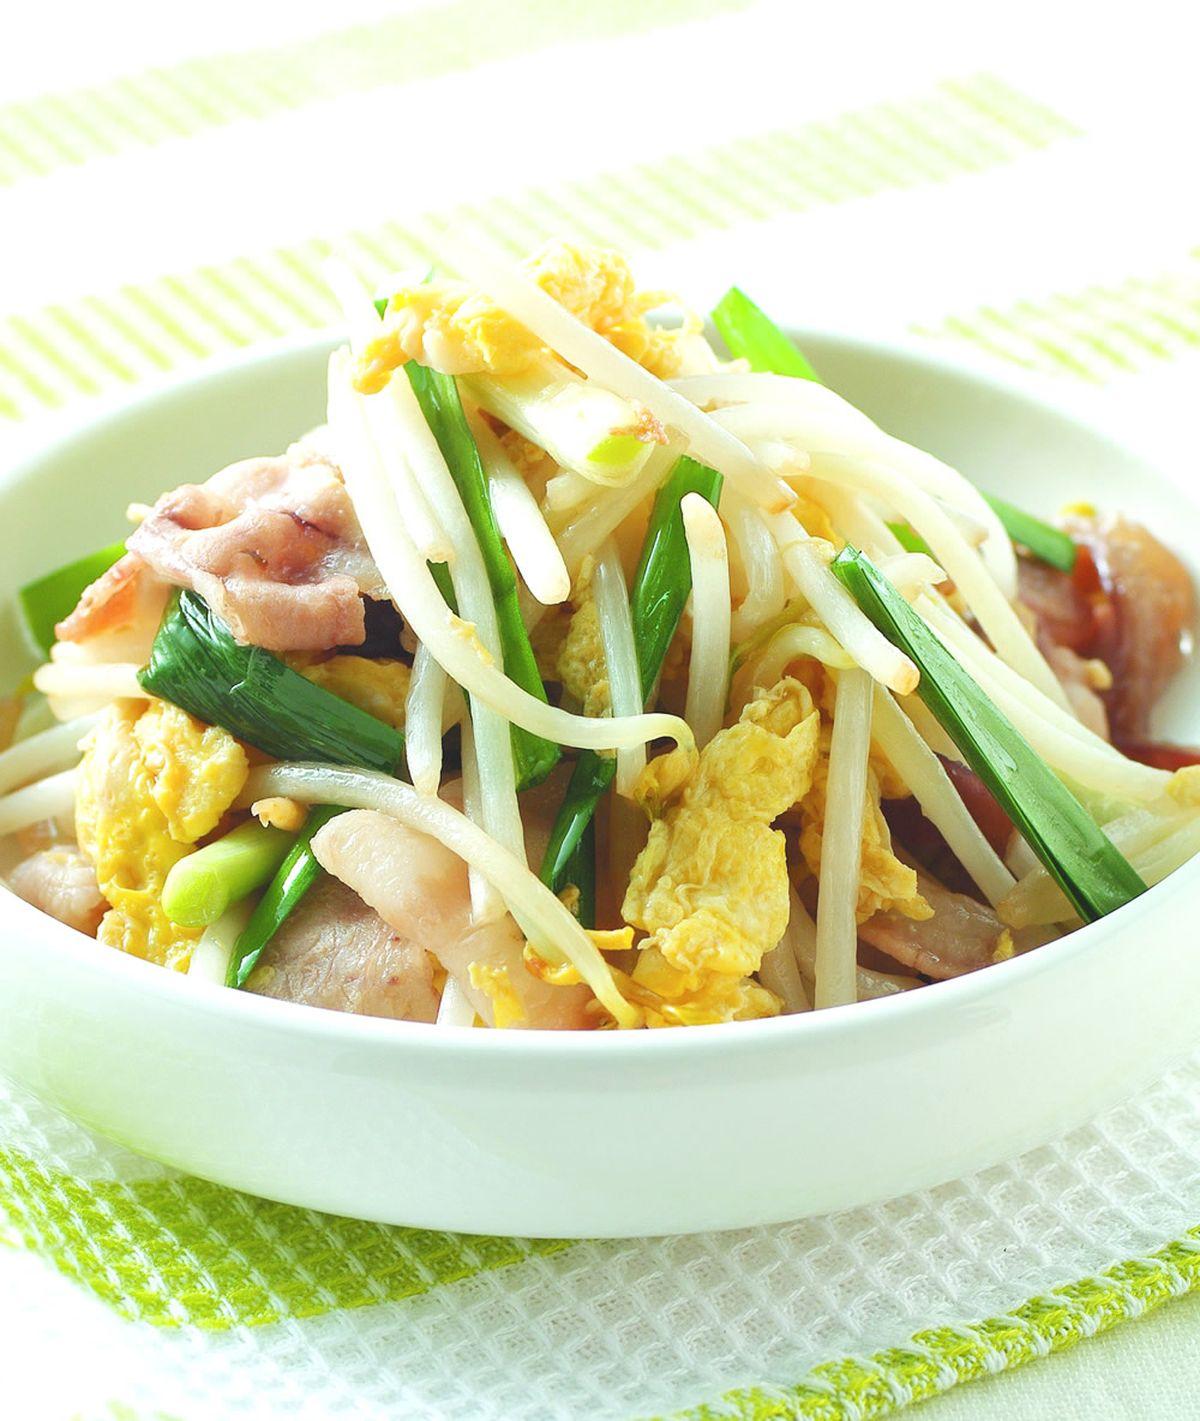 食譜:銀芽木耳炒肉片